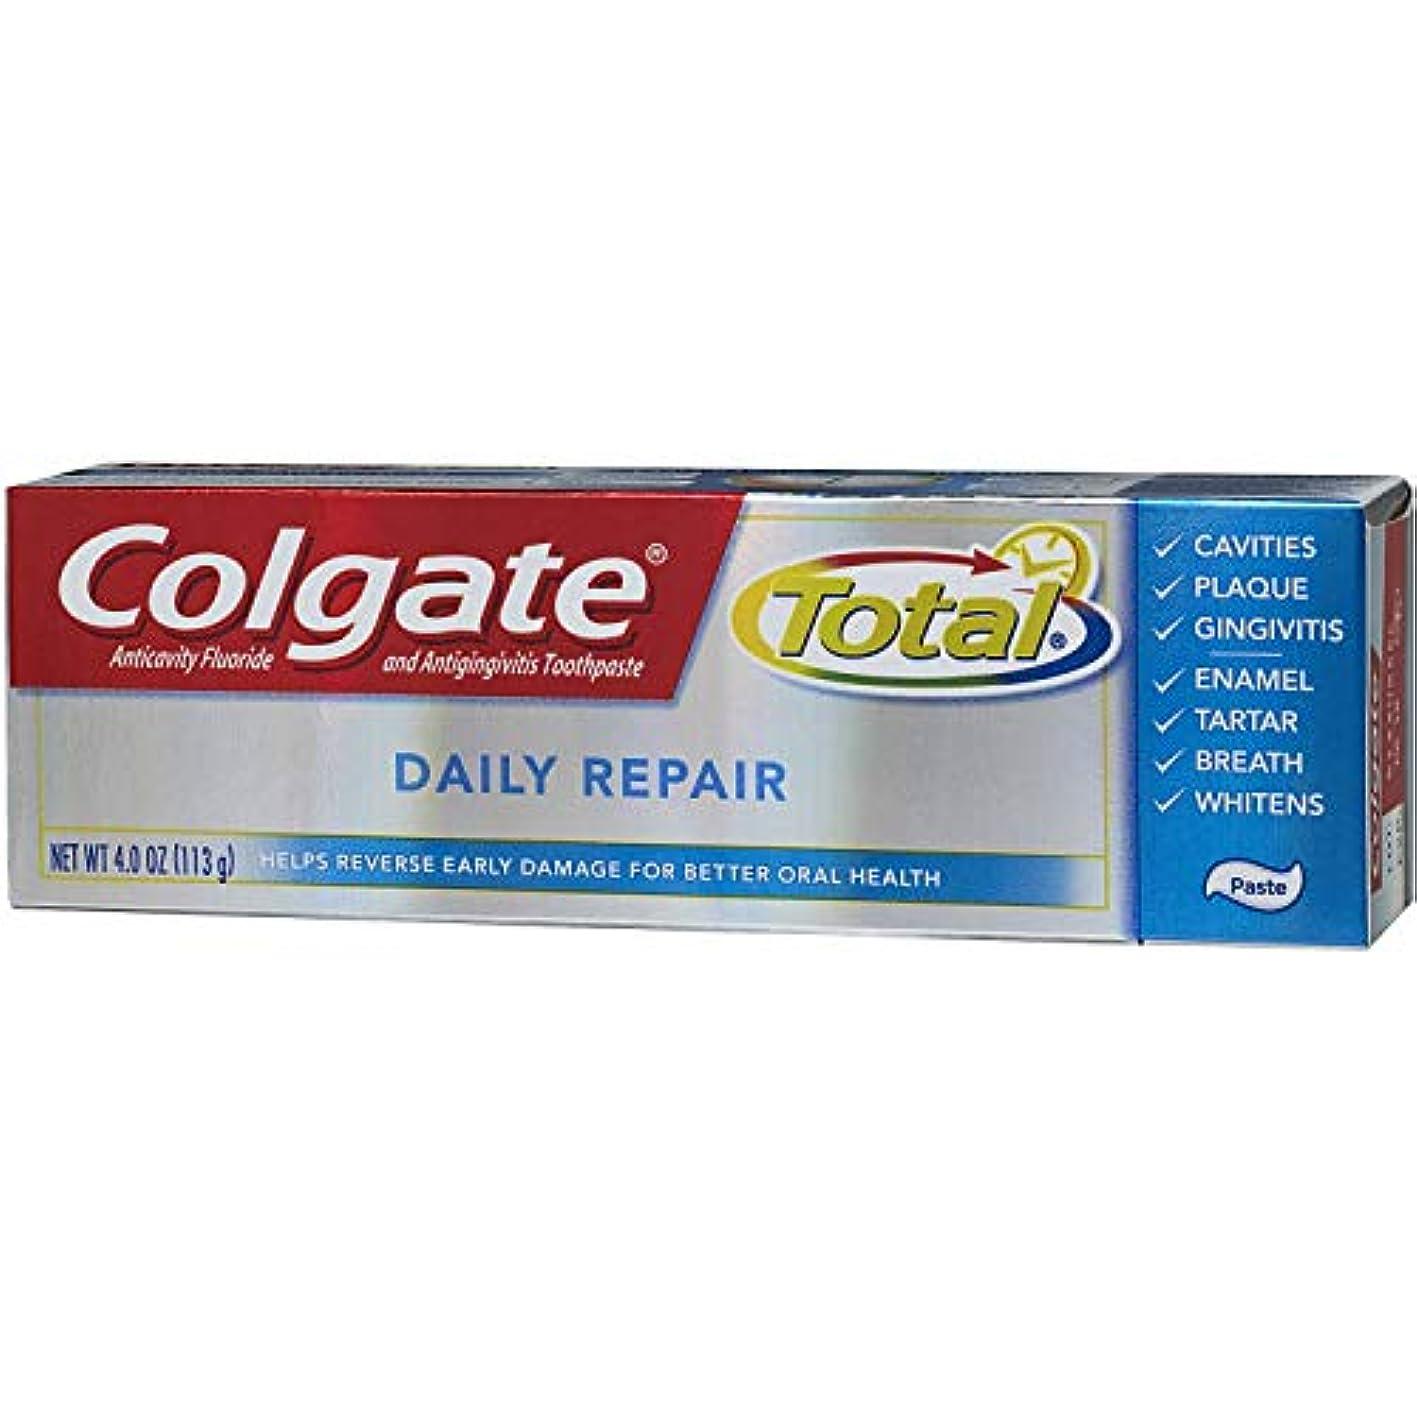 推測する本土役員Colgate 全日修理歯磨き粉4オズ(2パック)